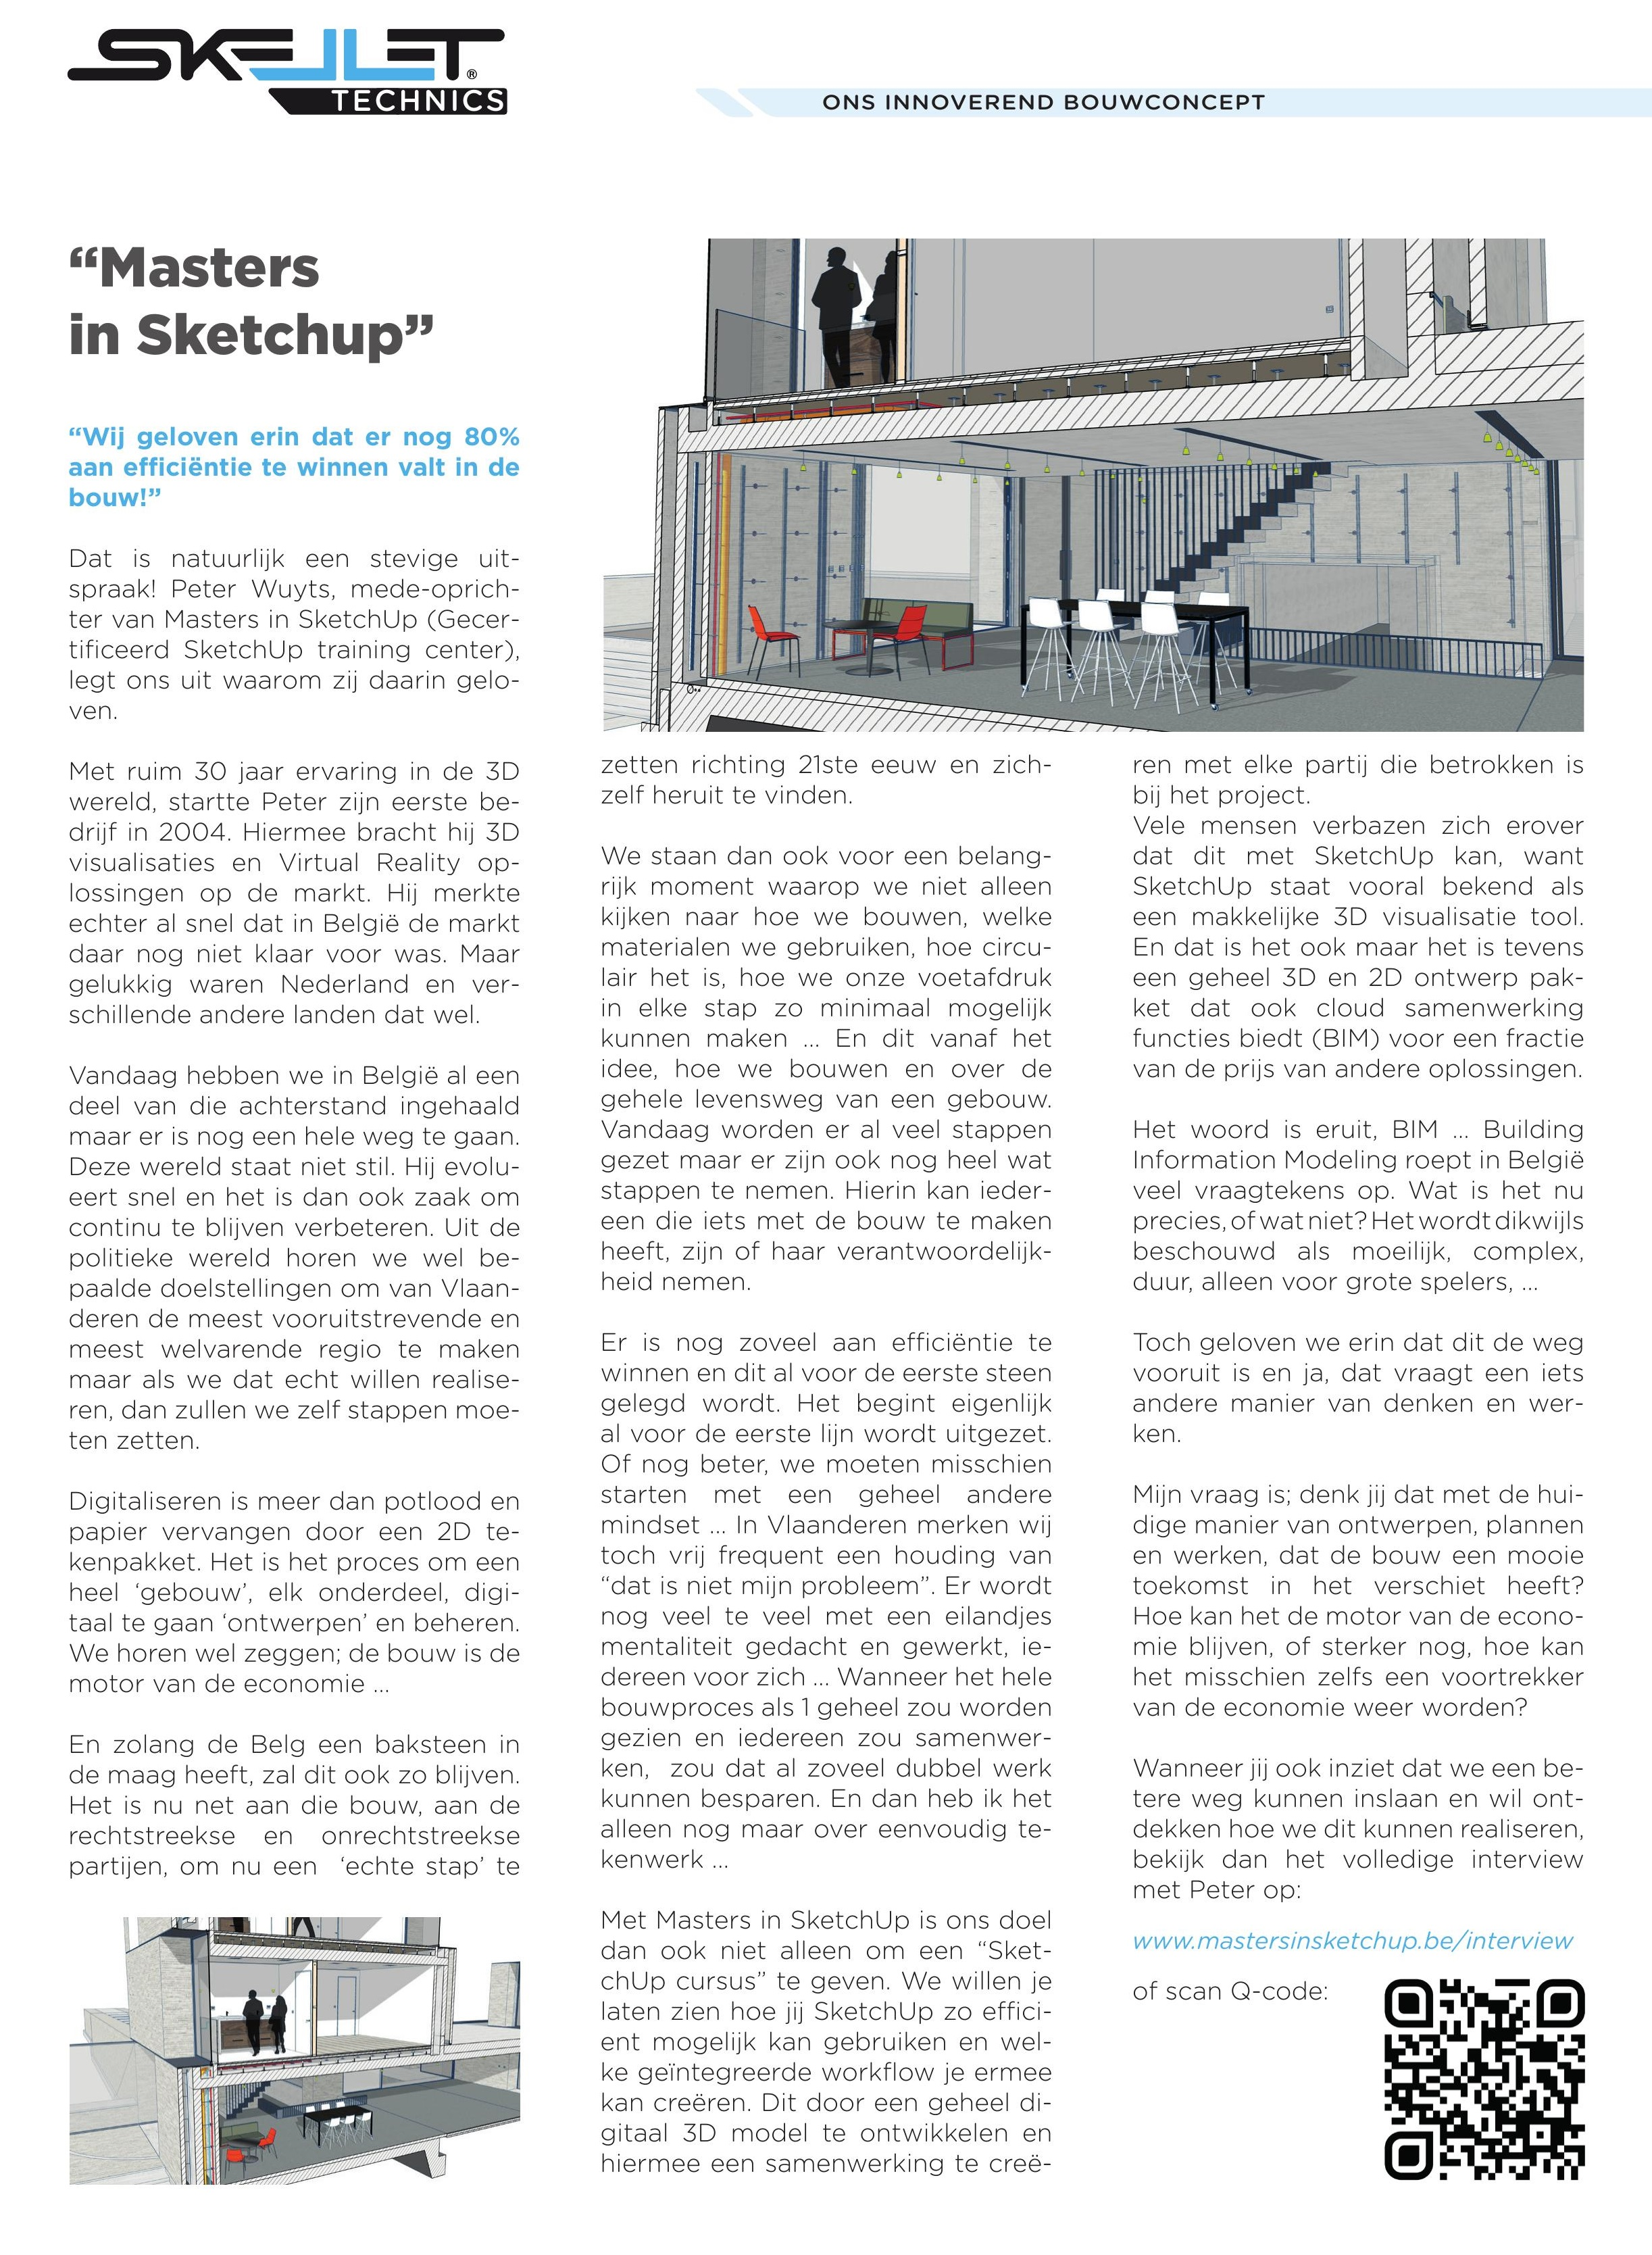 skellet-concept (1)-p3.jpg